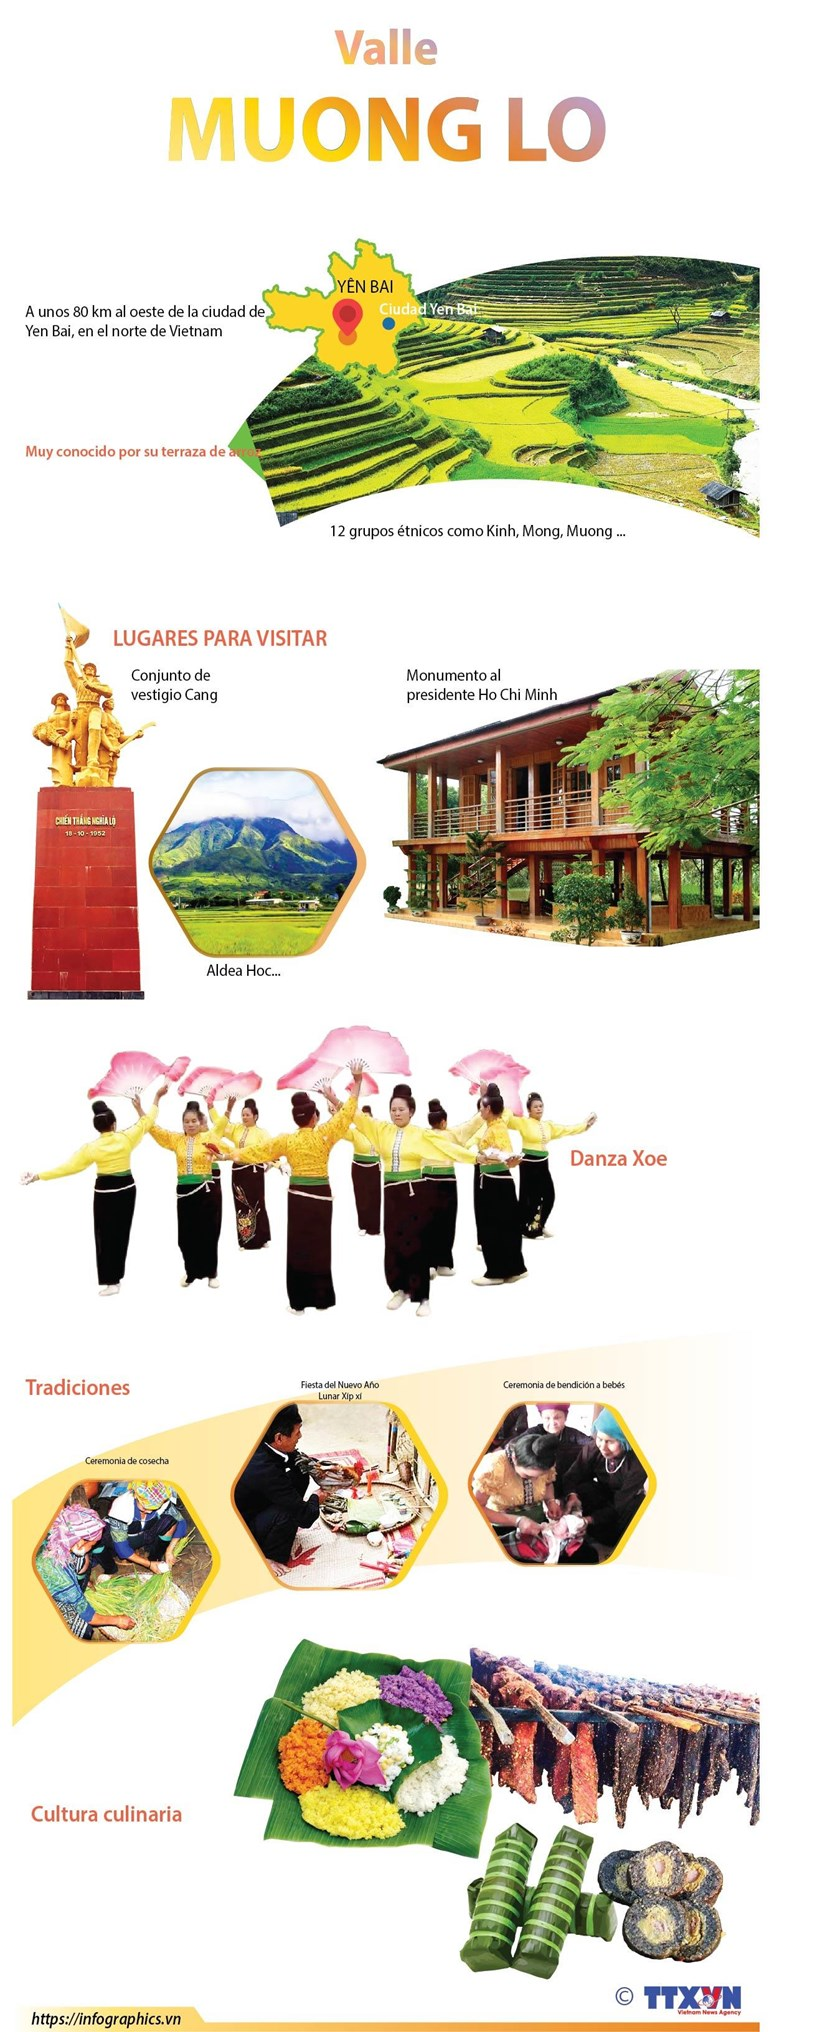 [Info] Valle Muong Lo, tierra de historia y cultura hinh anh 1